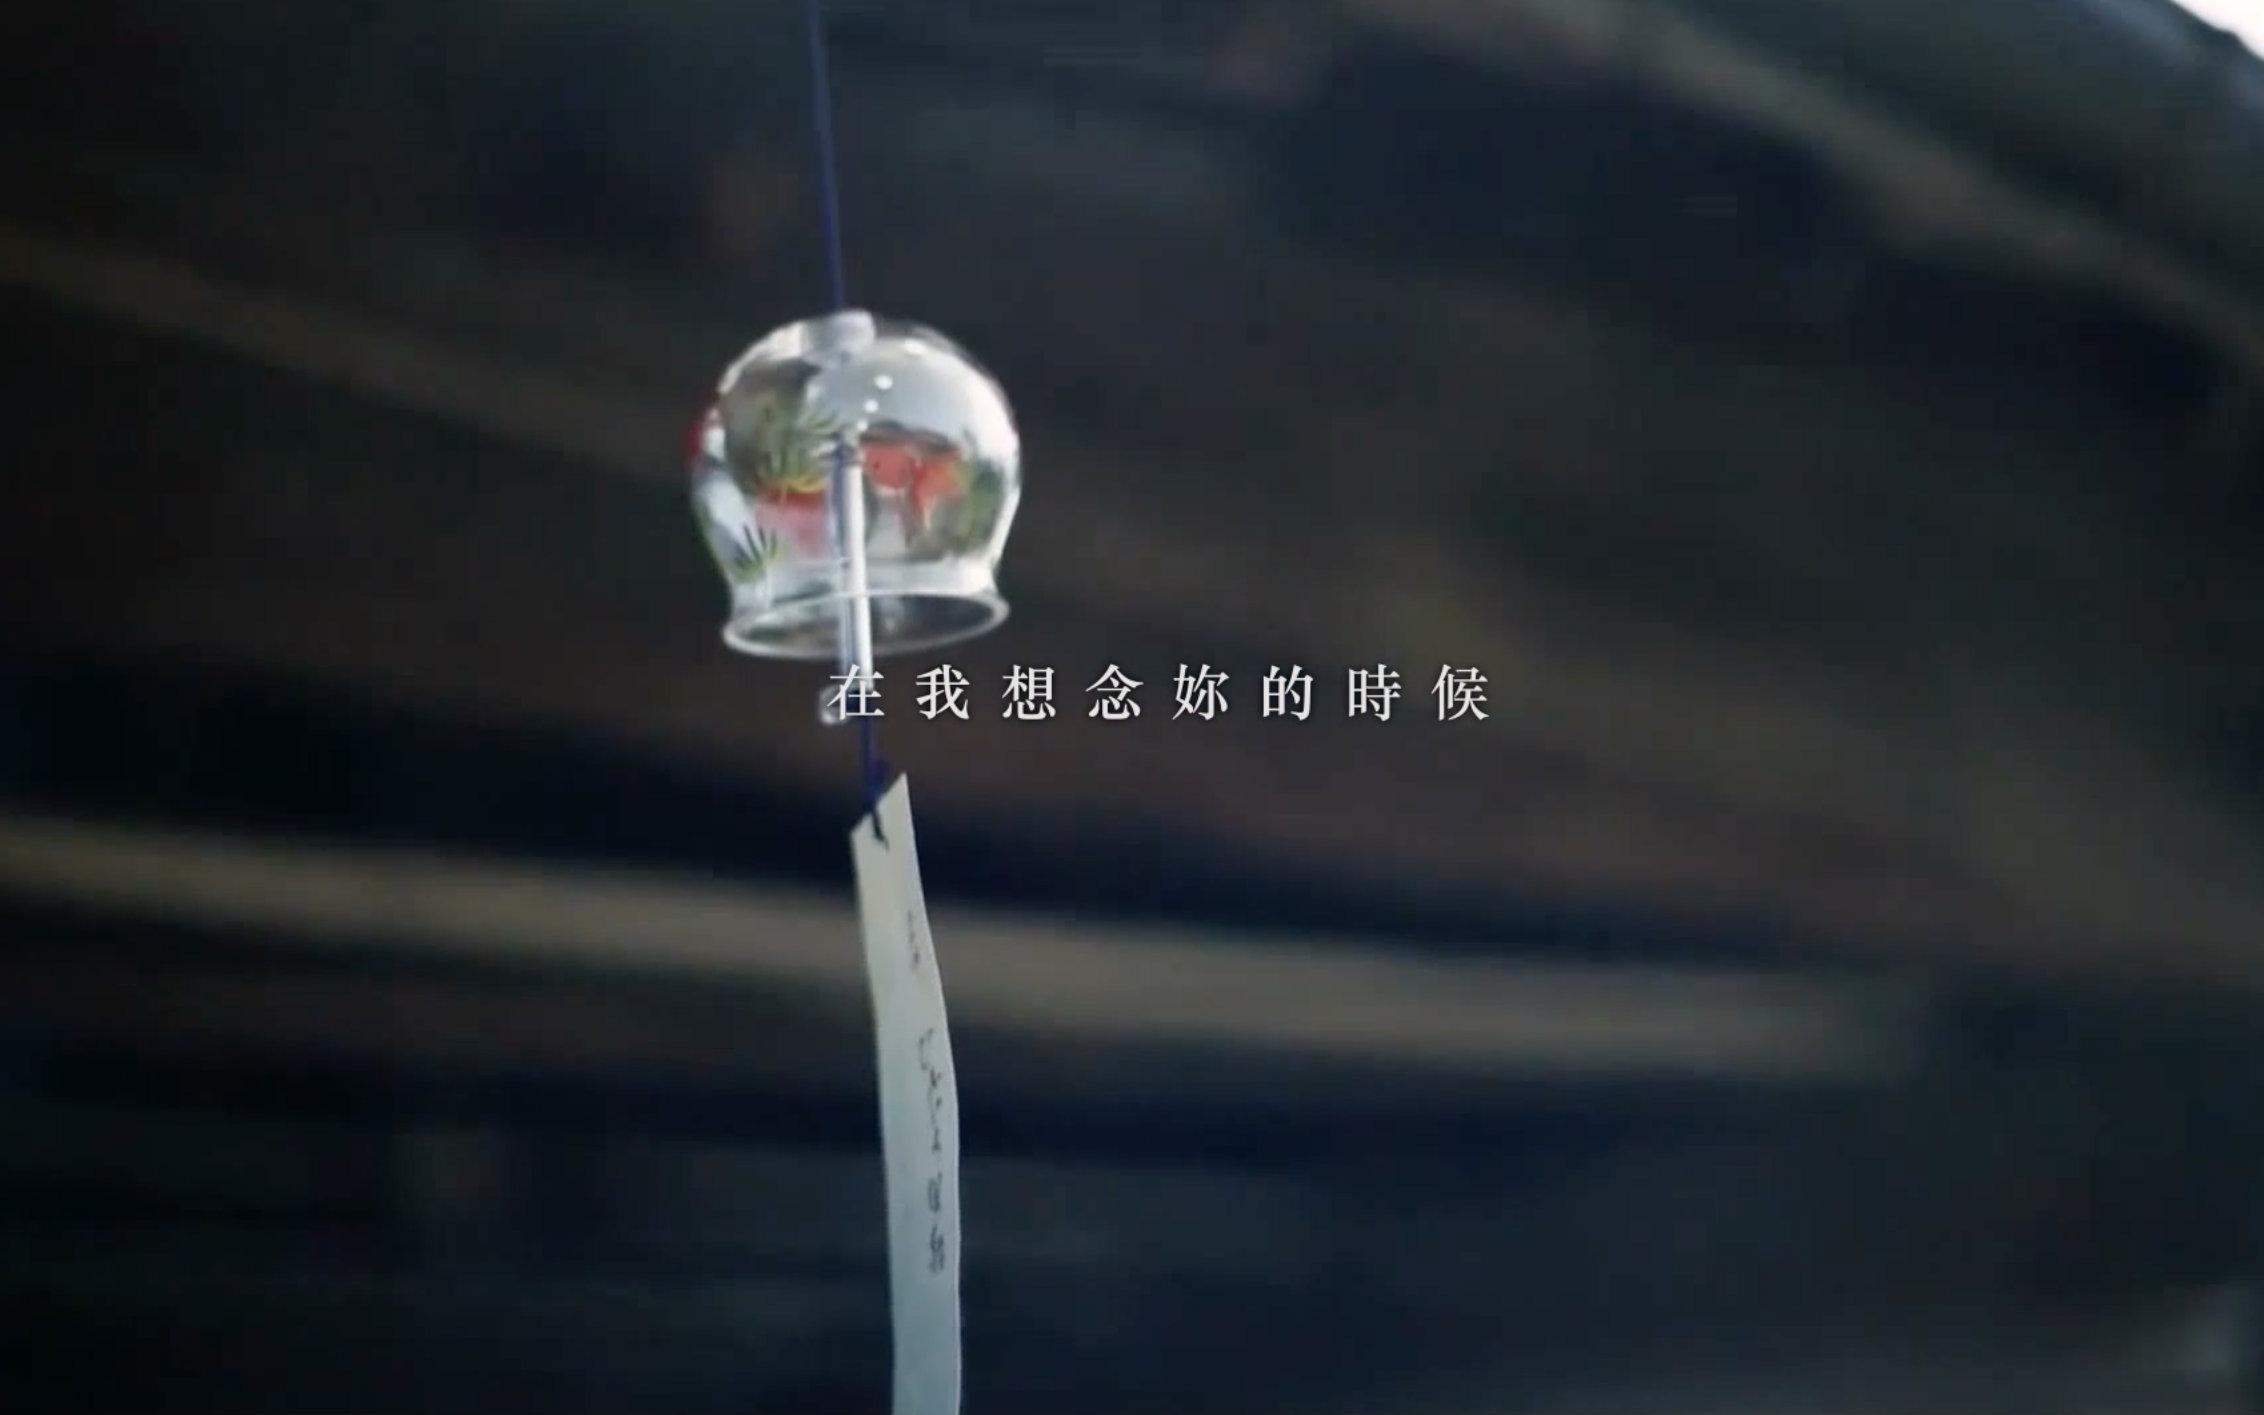 【中字PV】宇多田光-盛夏的陣雨 (NTV深夜新聞節目「NEWS ZERO」ED)